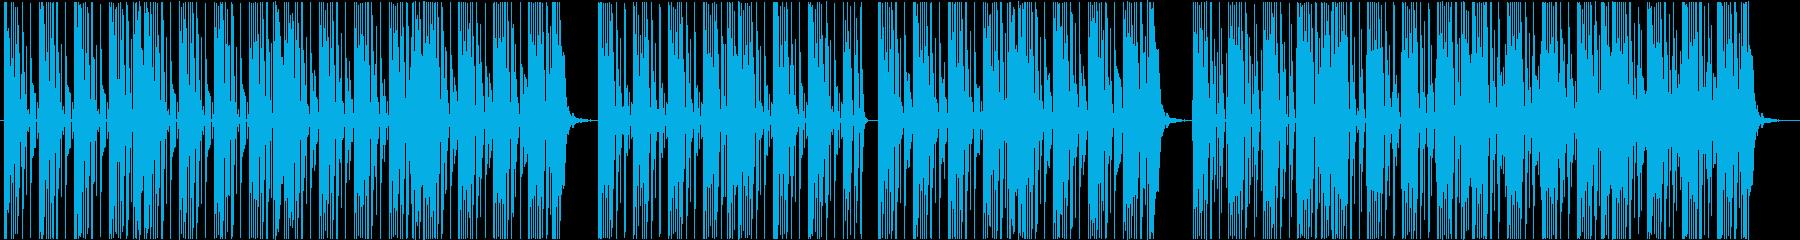 ブルゾンちえみの35億のようなBGM2の再生済みの波形